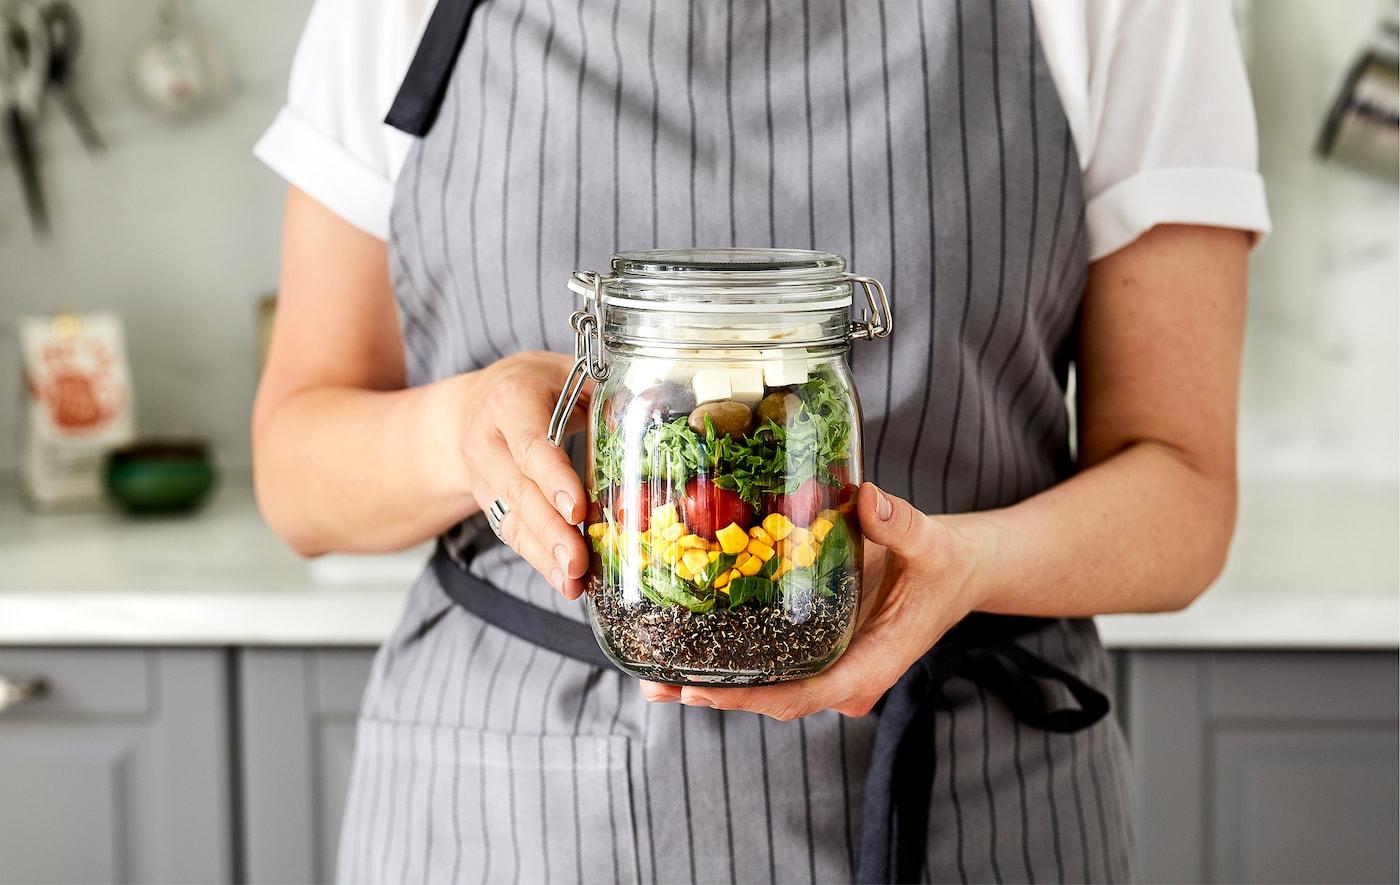 Kvinde med forklæde i et køkken. Hun holder en høj glaskrukke fyldt med en farvestrålende salat i lag op med begge hænder.